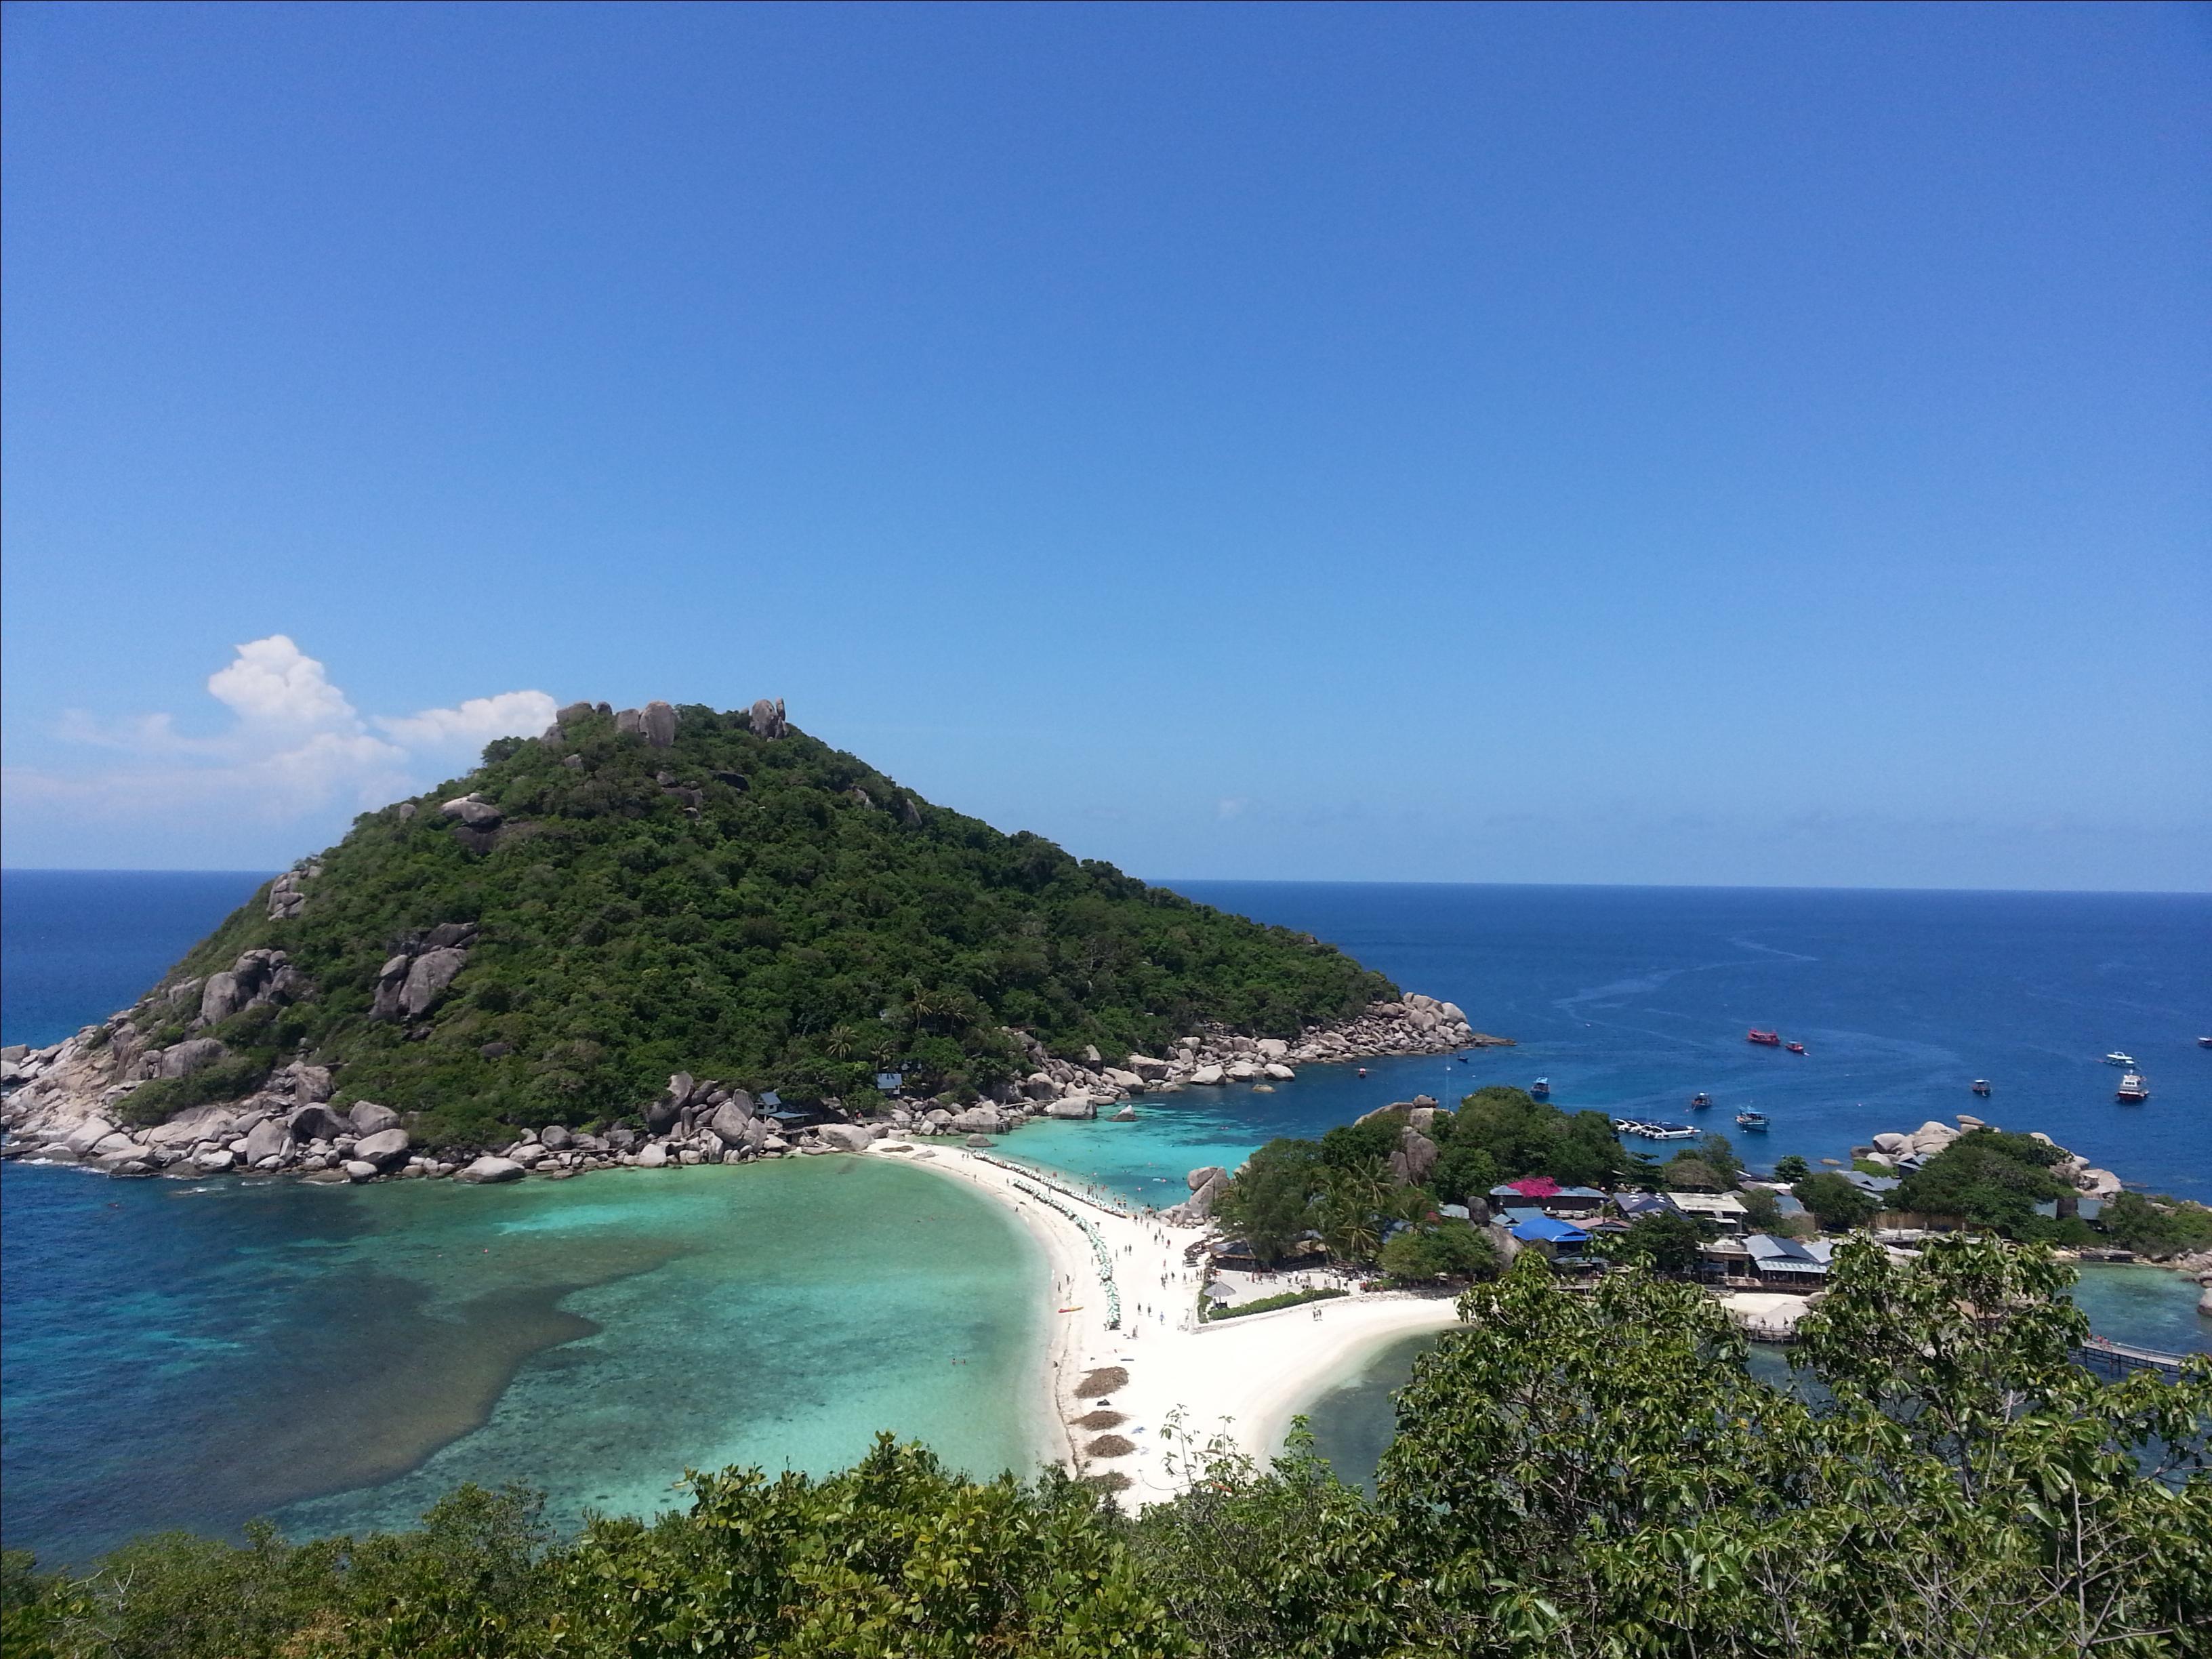 南园岛是私人小岛,上岛费每人100铢,岛上的人字形沙滩,赫赫有名.